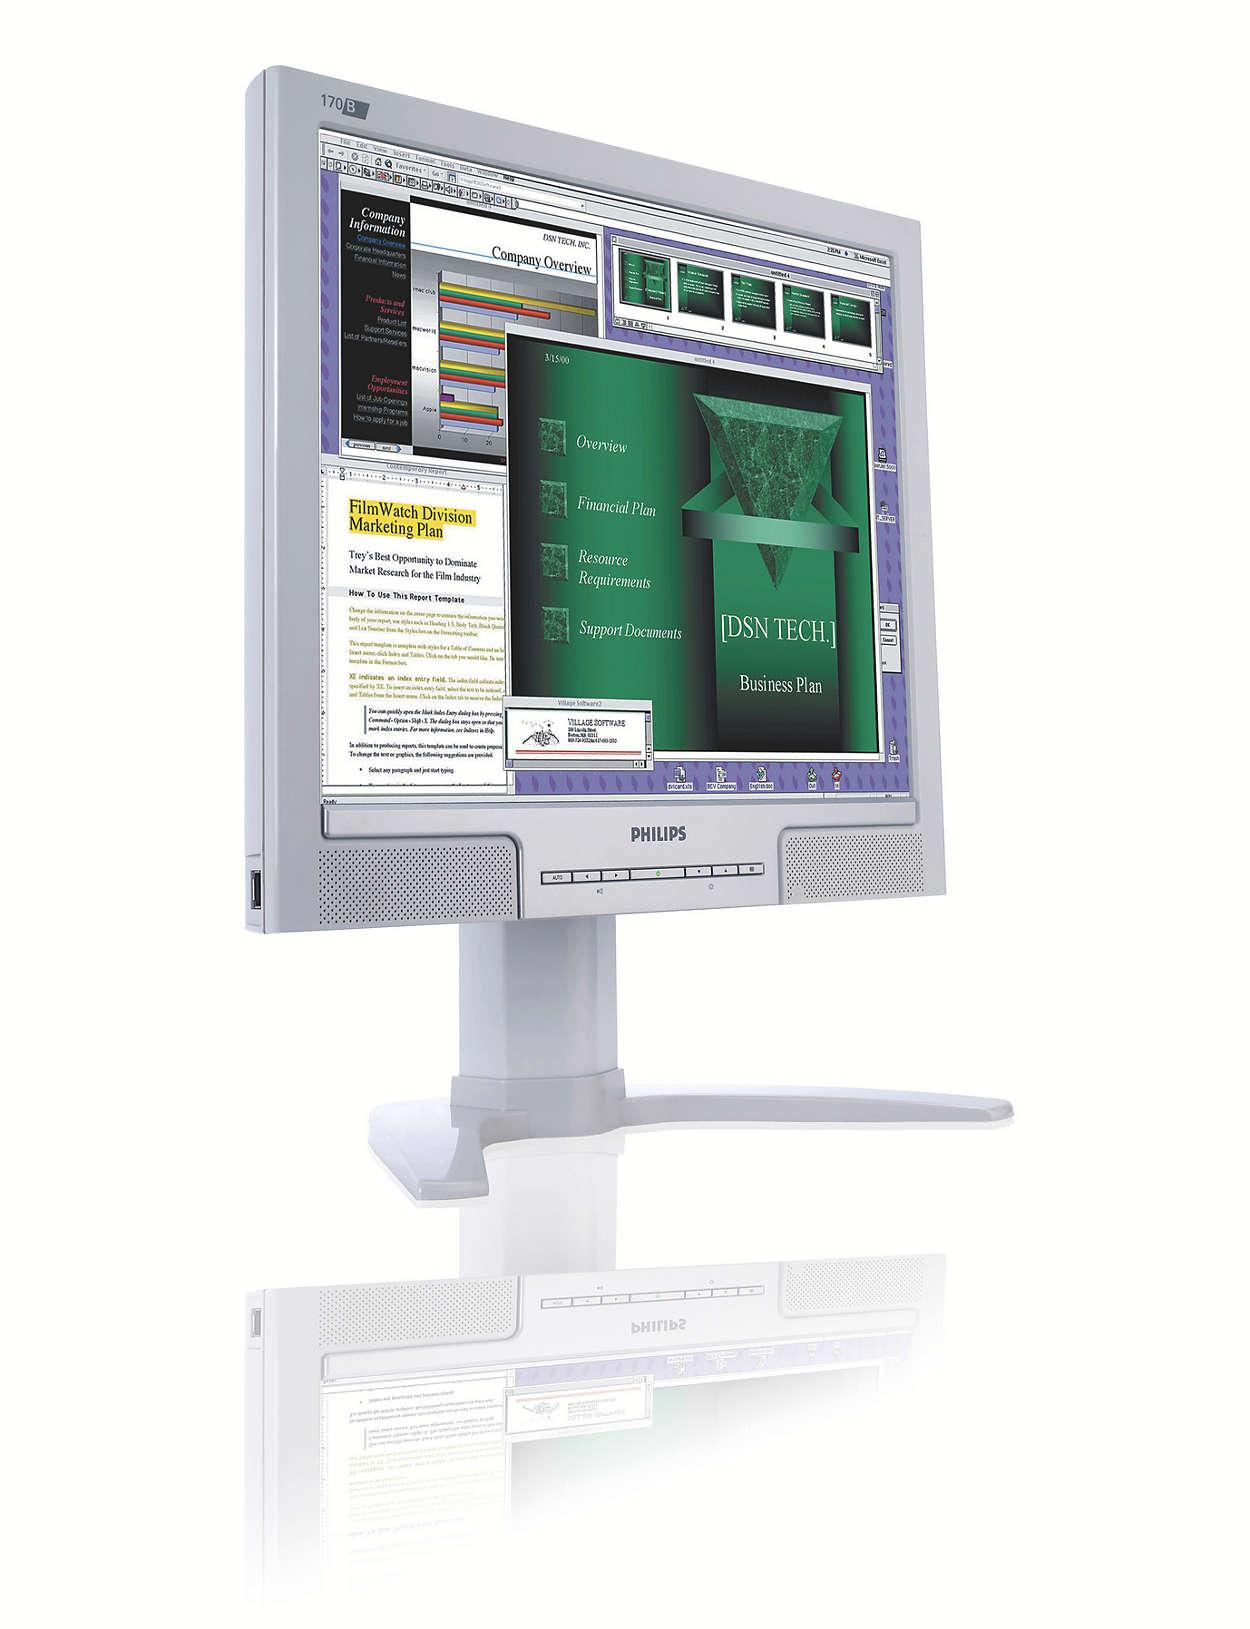 Display estremamente pratico per utenti aziendali